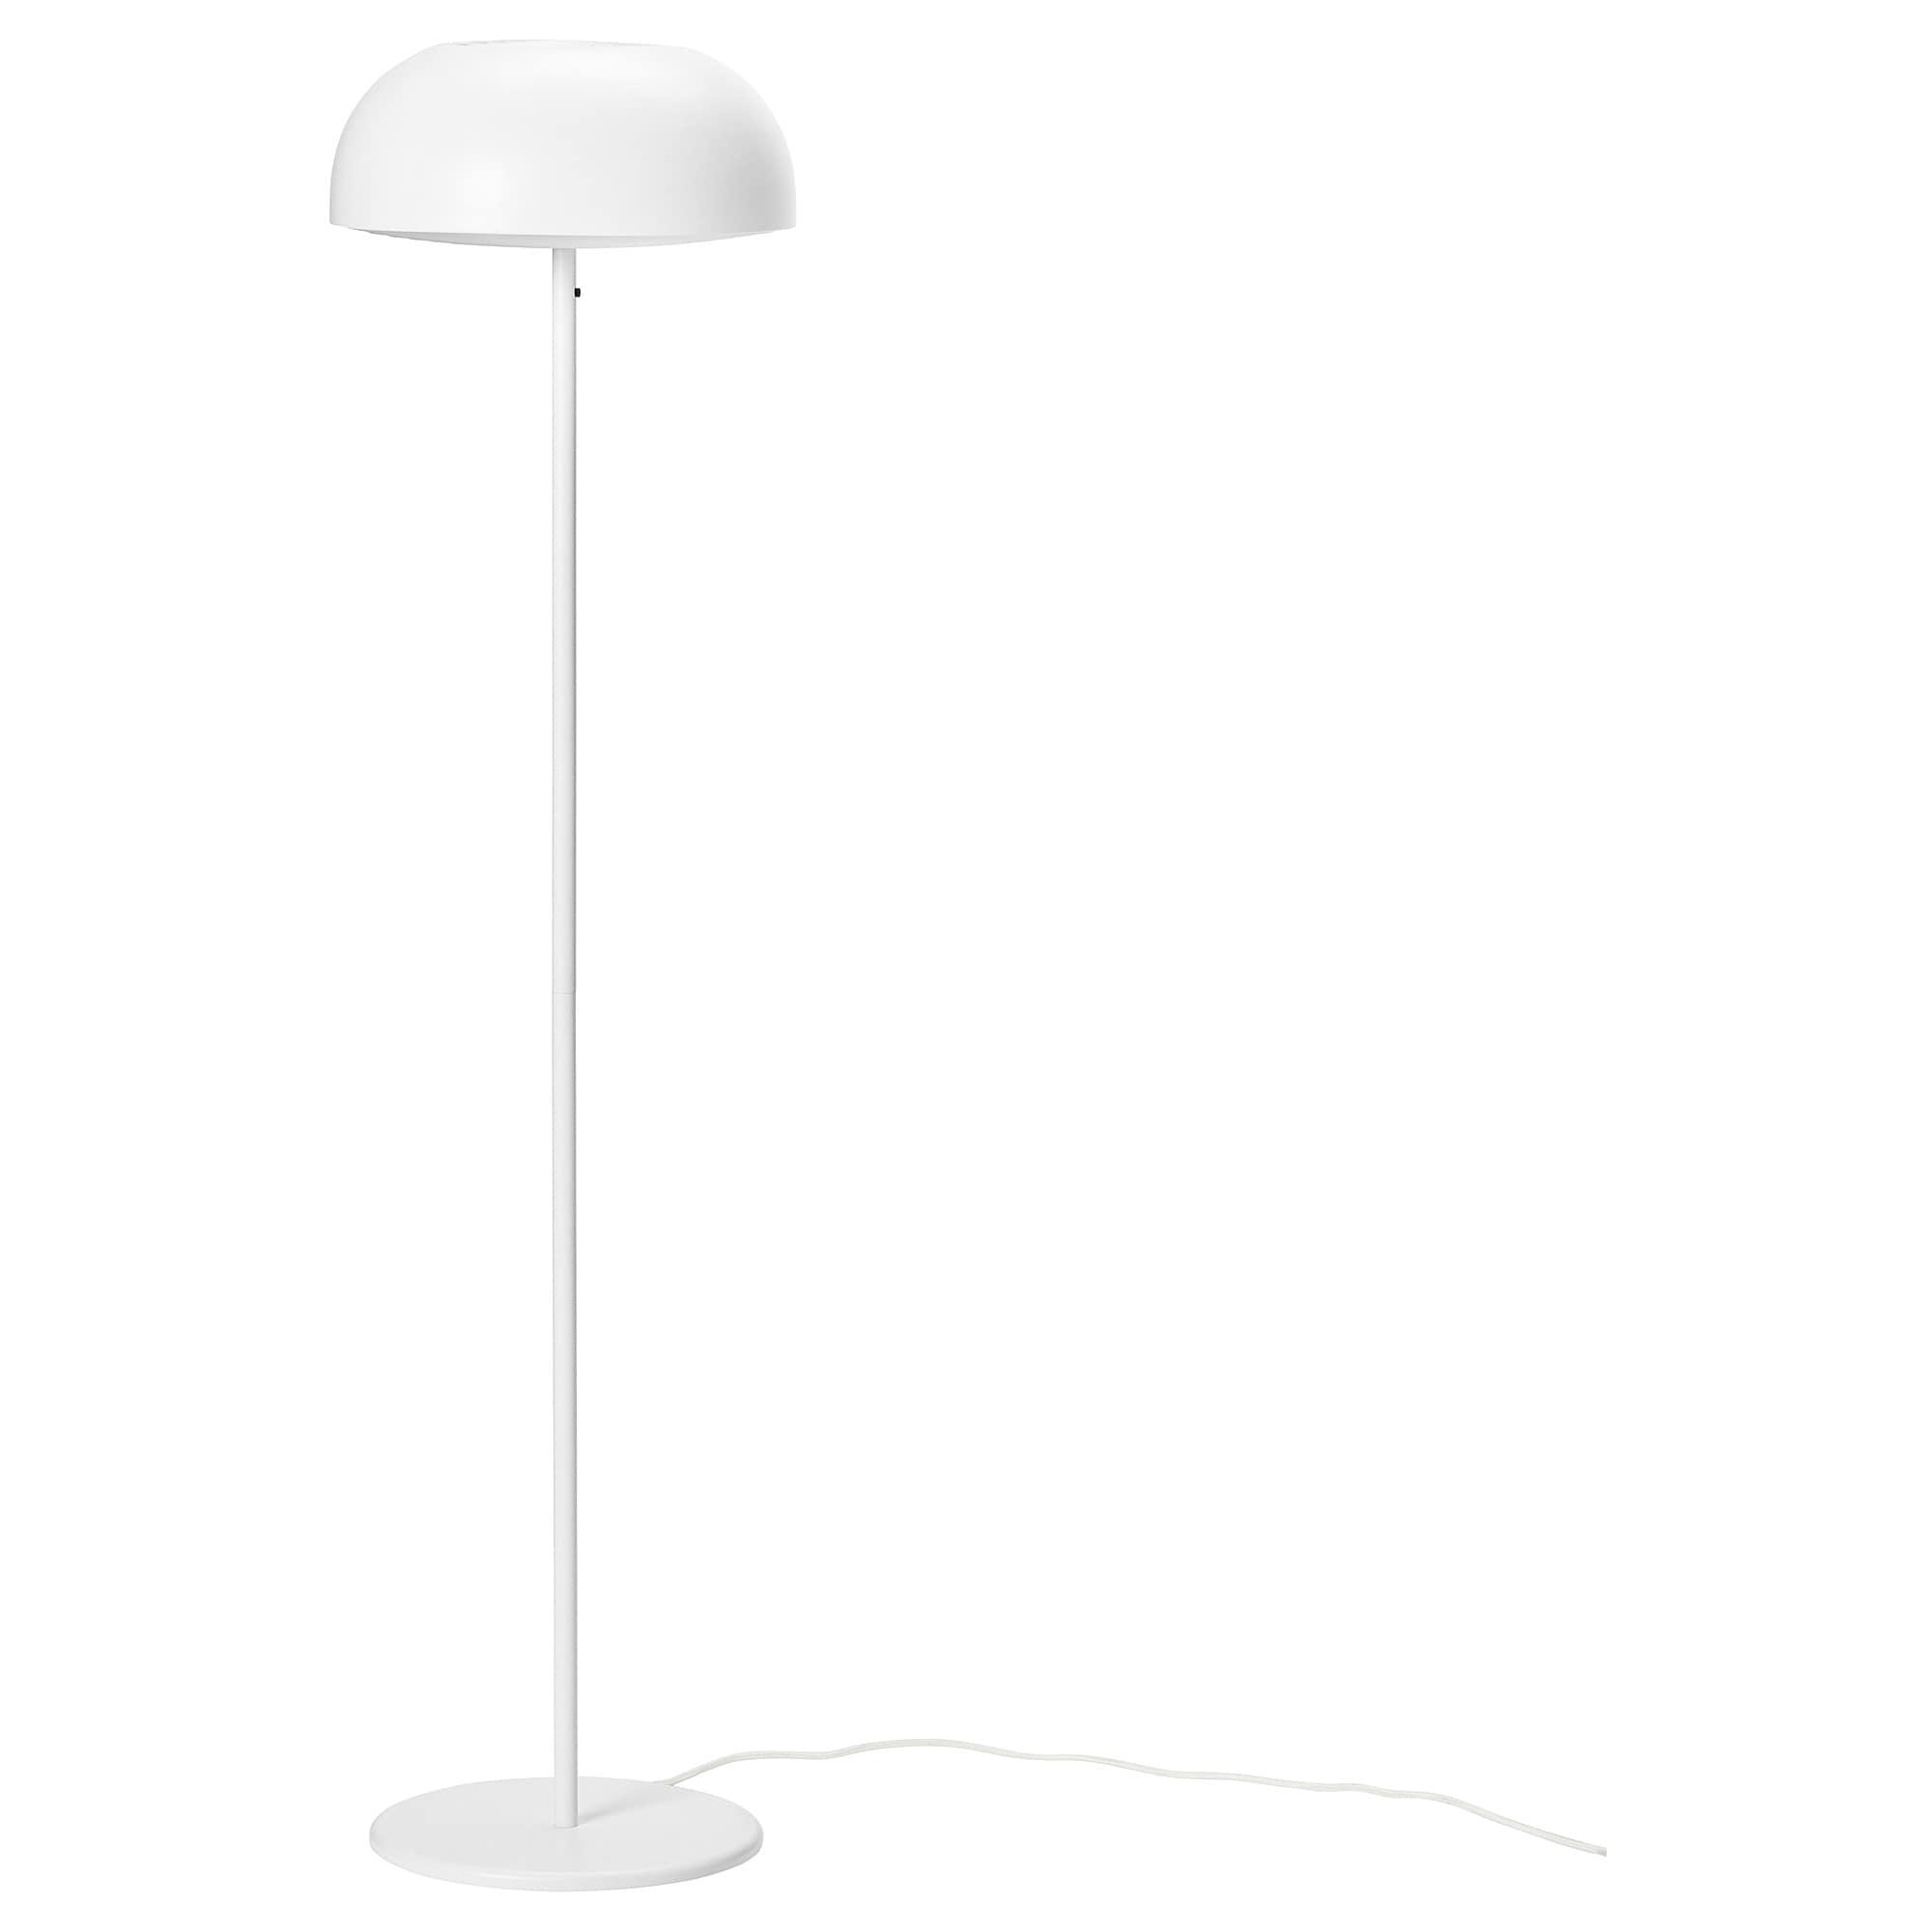 Full Size of Owietlenie Lampy Sufitowe I Yrandole Betten Ikea 160x200 Wohnzimmer Deckenlampe Küche Deckenlampen Modern Bei Miniküche Für Bad Kosten Schlafzimmer Kaufen Wohnzimmer Deckenlampe Ikea